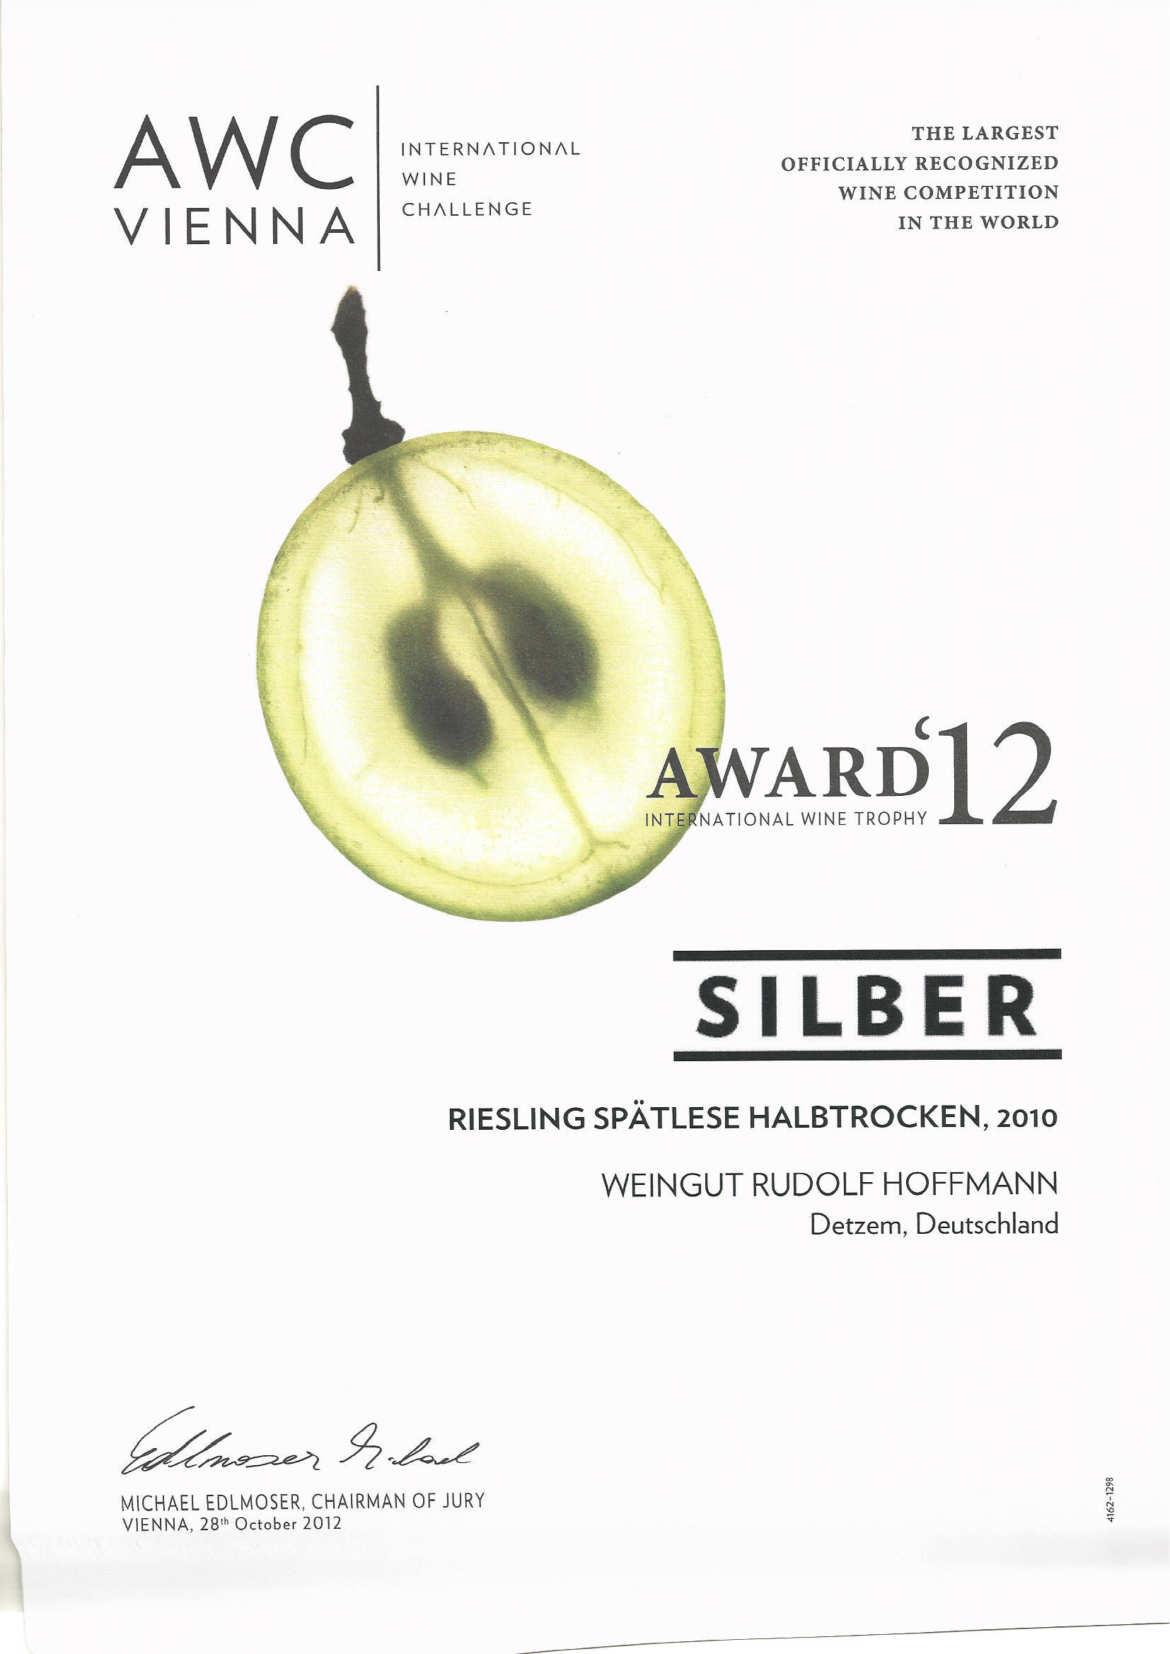 Riesling_Spaetlese_halbtrocken_2010_Silber.jpg